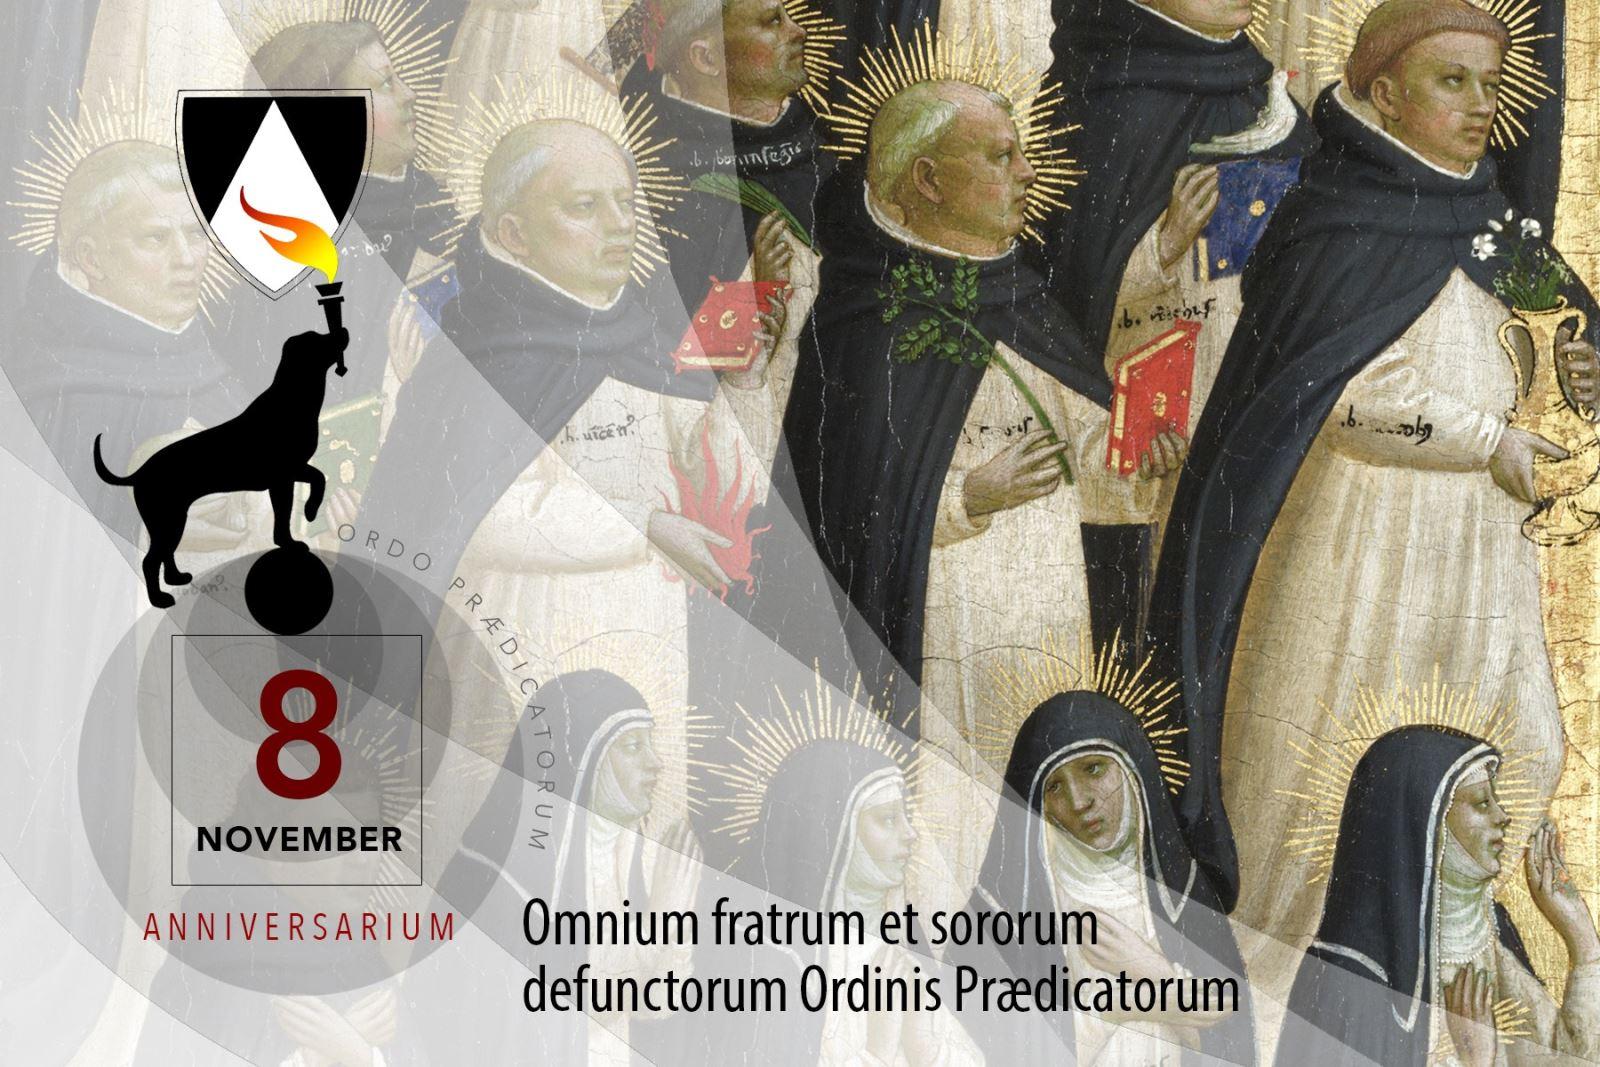 Lịch Phụng vụ Dòng Tháng 11 : Ca mừng Chư Thánh Hiển Vinh